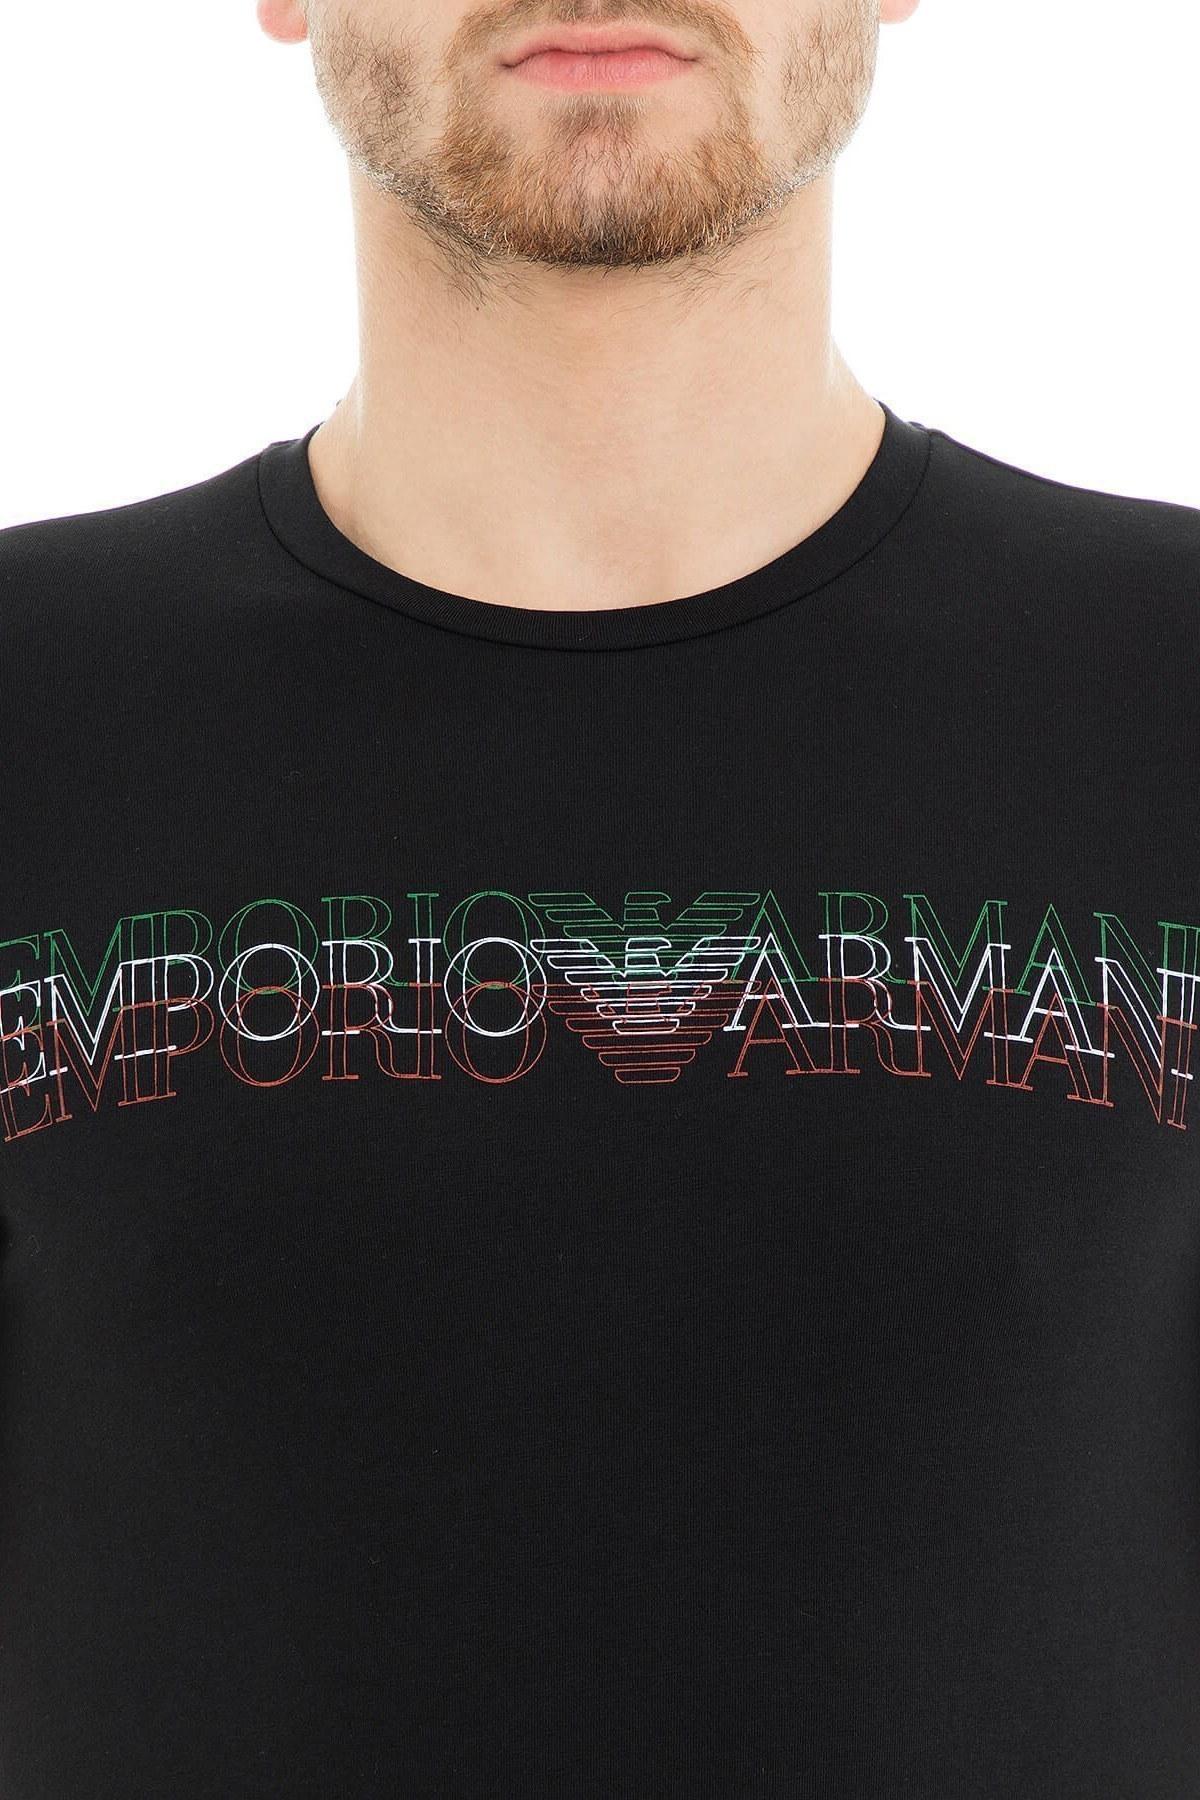 Emporio Armani Erkek T Shirt 3G1TH2 1J11Z 0999 SİYAH